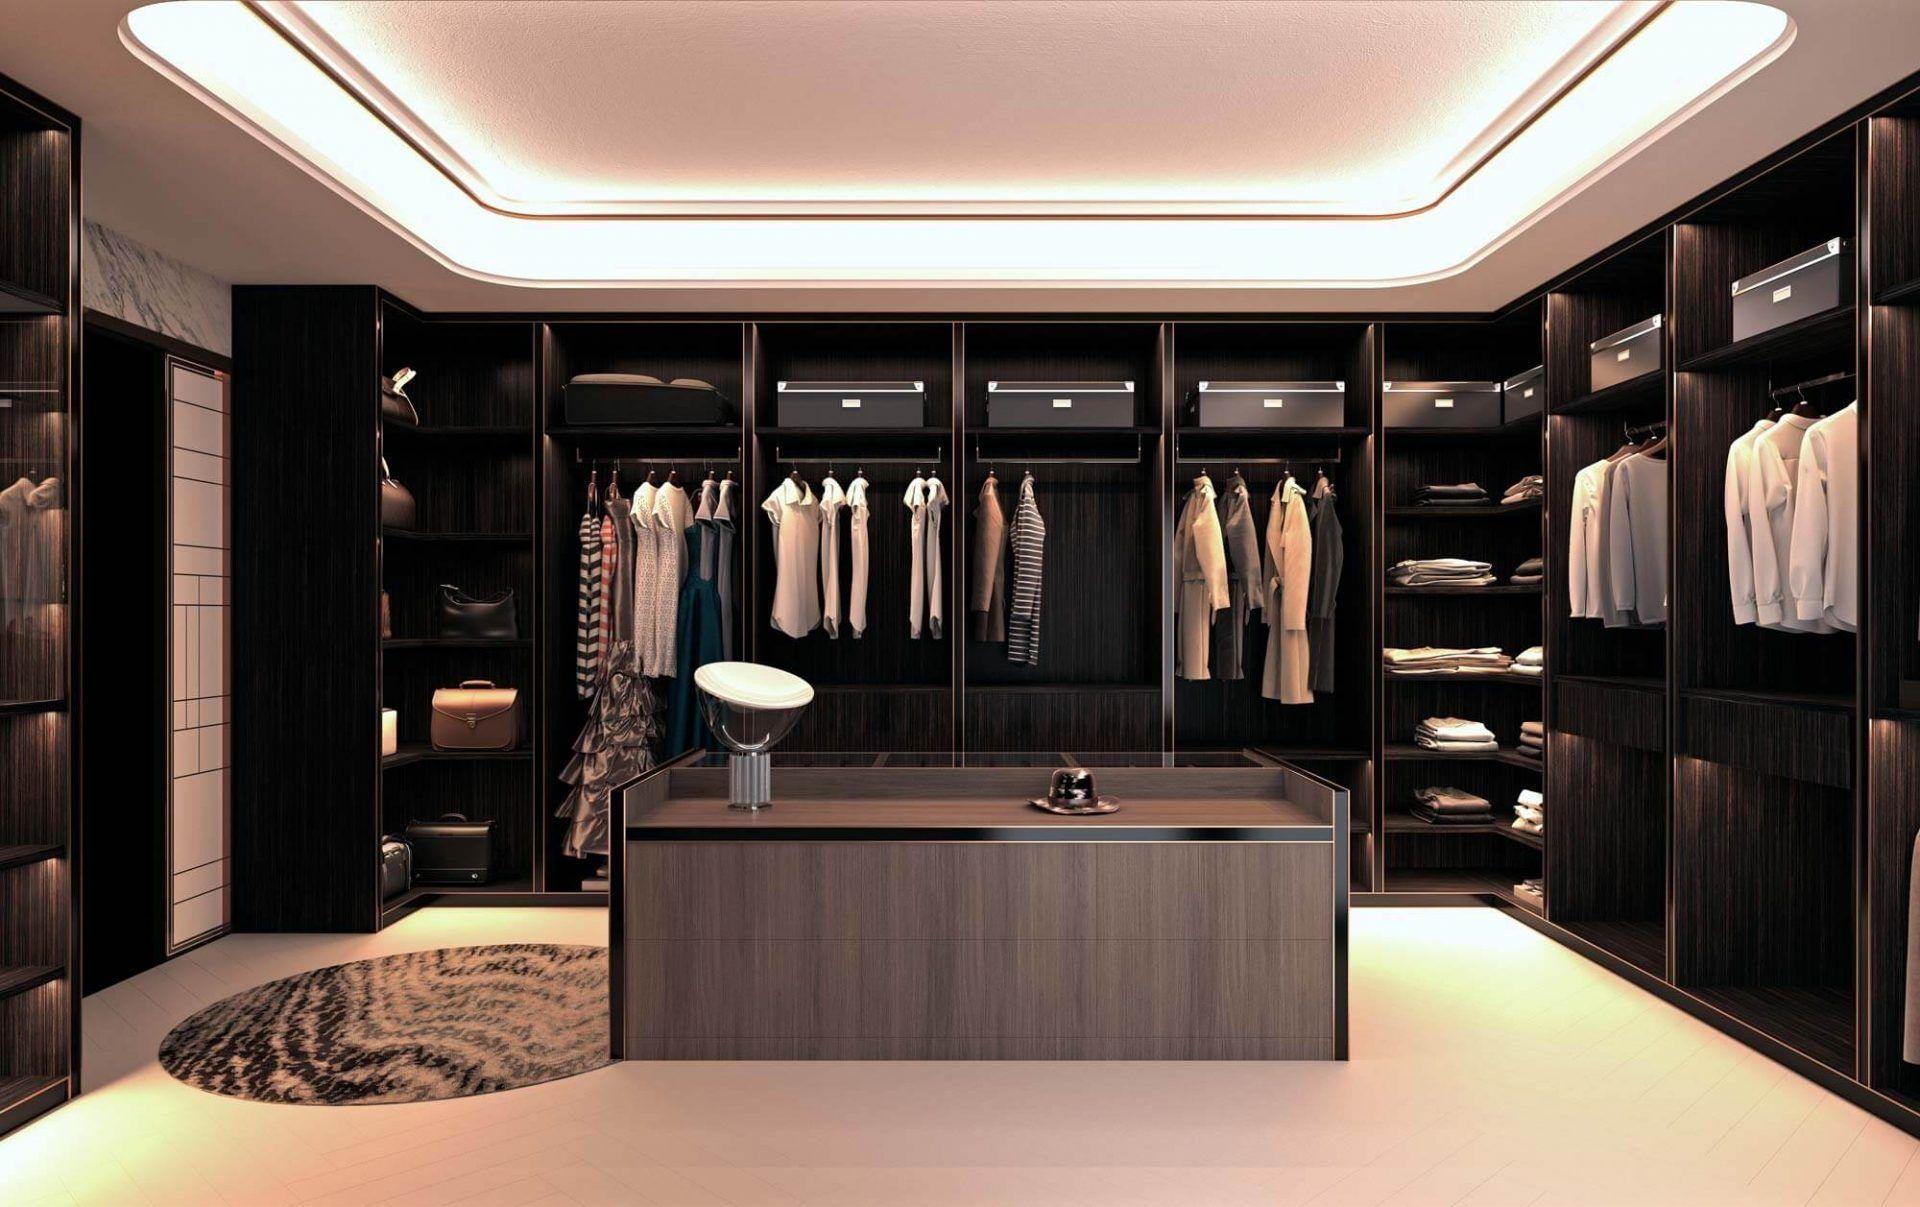 Ankleidezimmer mit Mittelinsel und versteckter Beleuchtung in bescher Tönung mit einem Seitensystem aus Regalen mit vielen Kleiderstangen